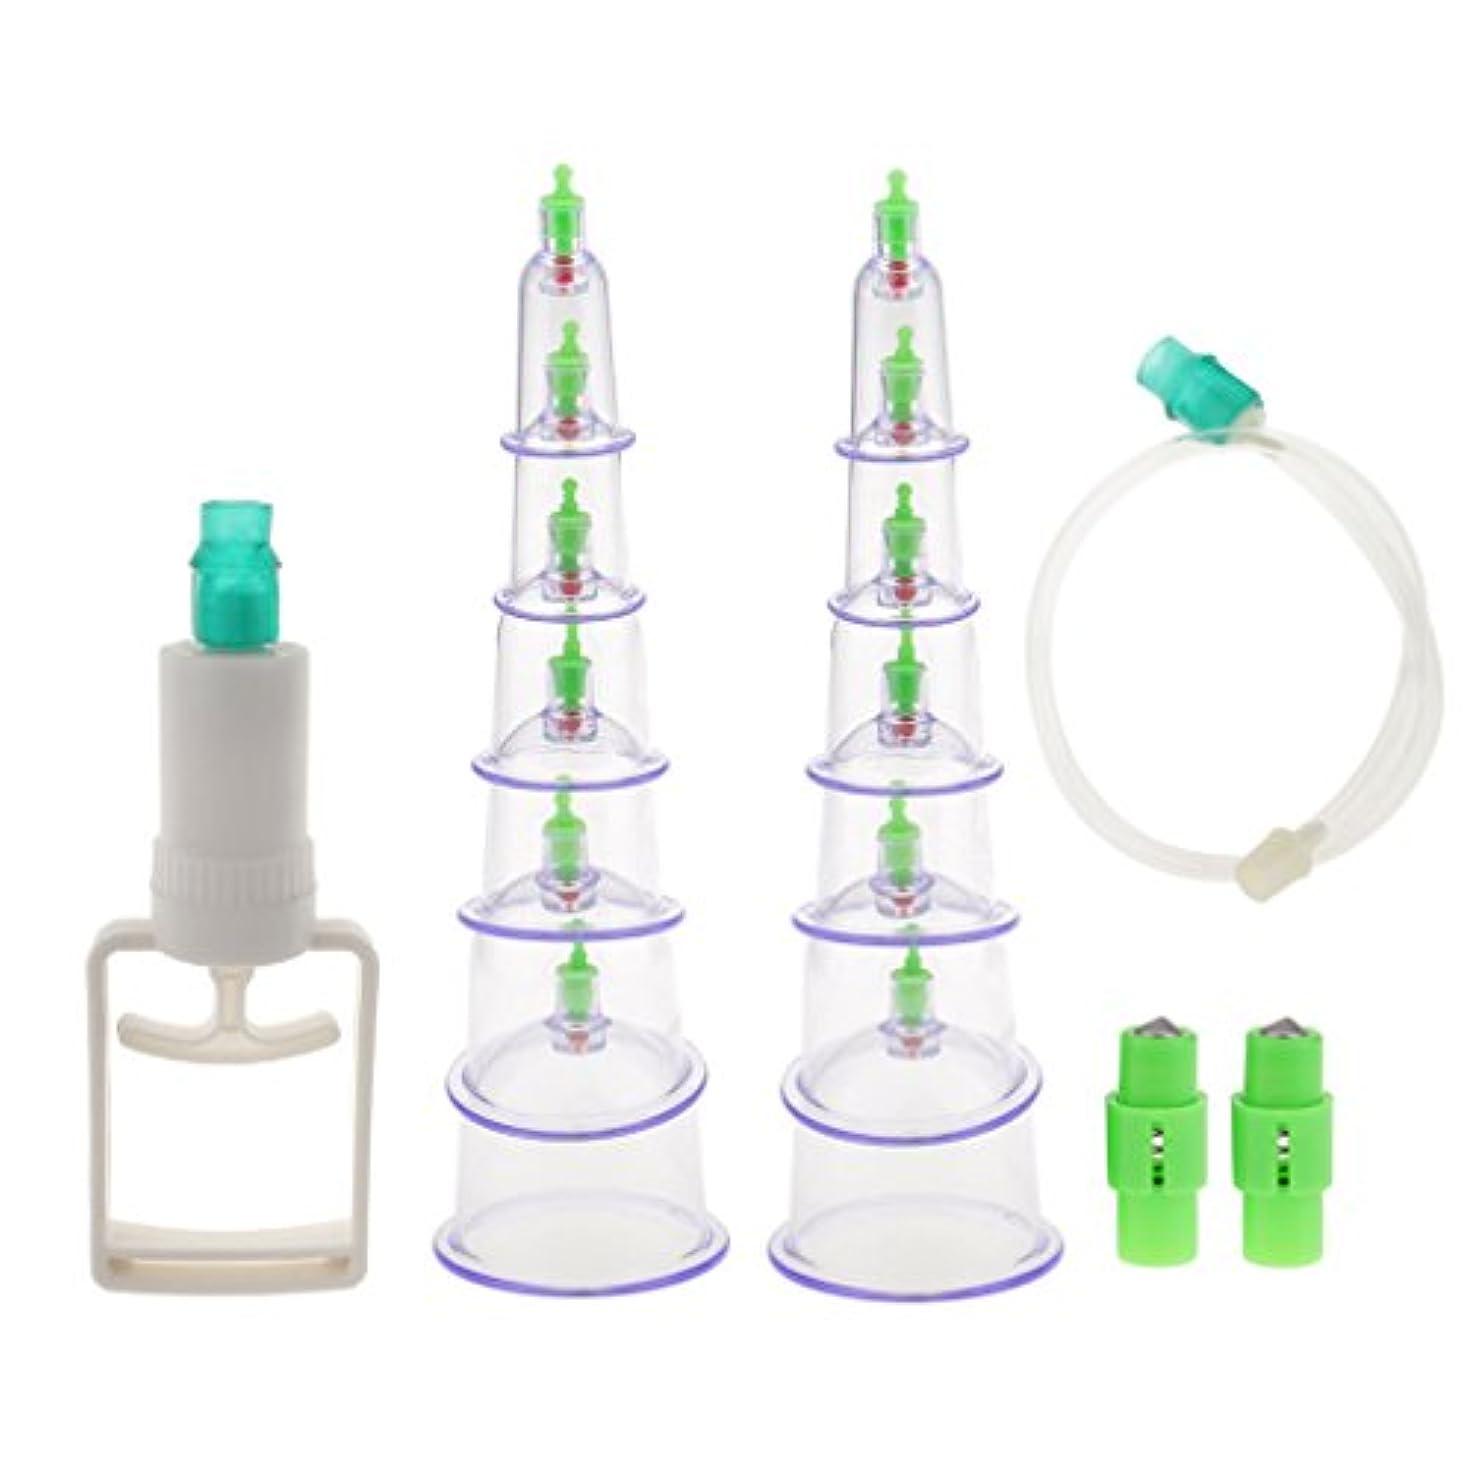 カッピング(12個) 吸い玉 真空 セラピーセット 中国式療法 マッサージ機能